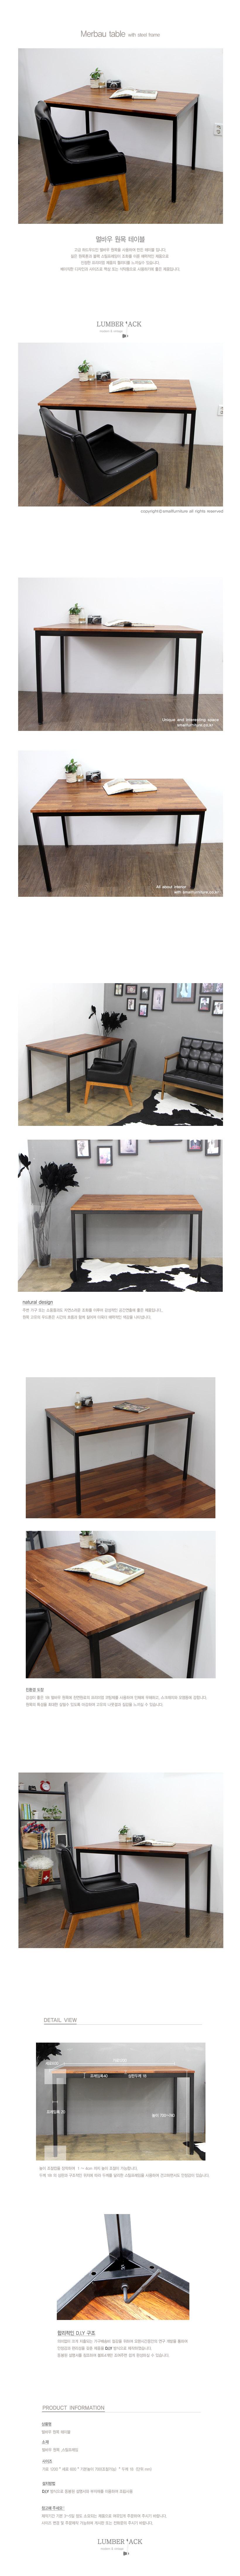 멀바우 원목 테이블 - 럼버잭, 176,000원, DIY 책상/의자, DIY 책상/테이블